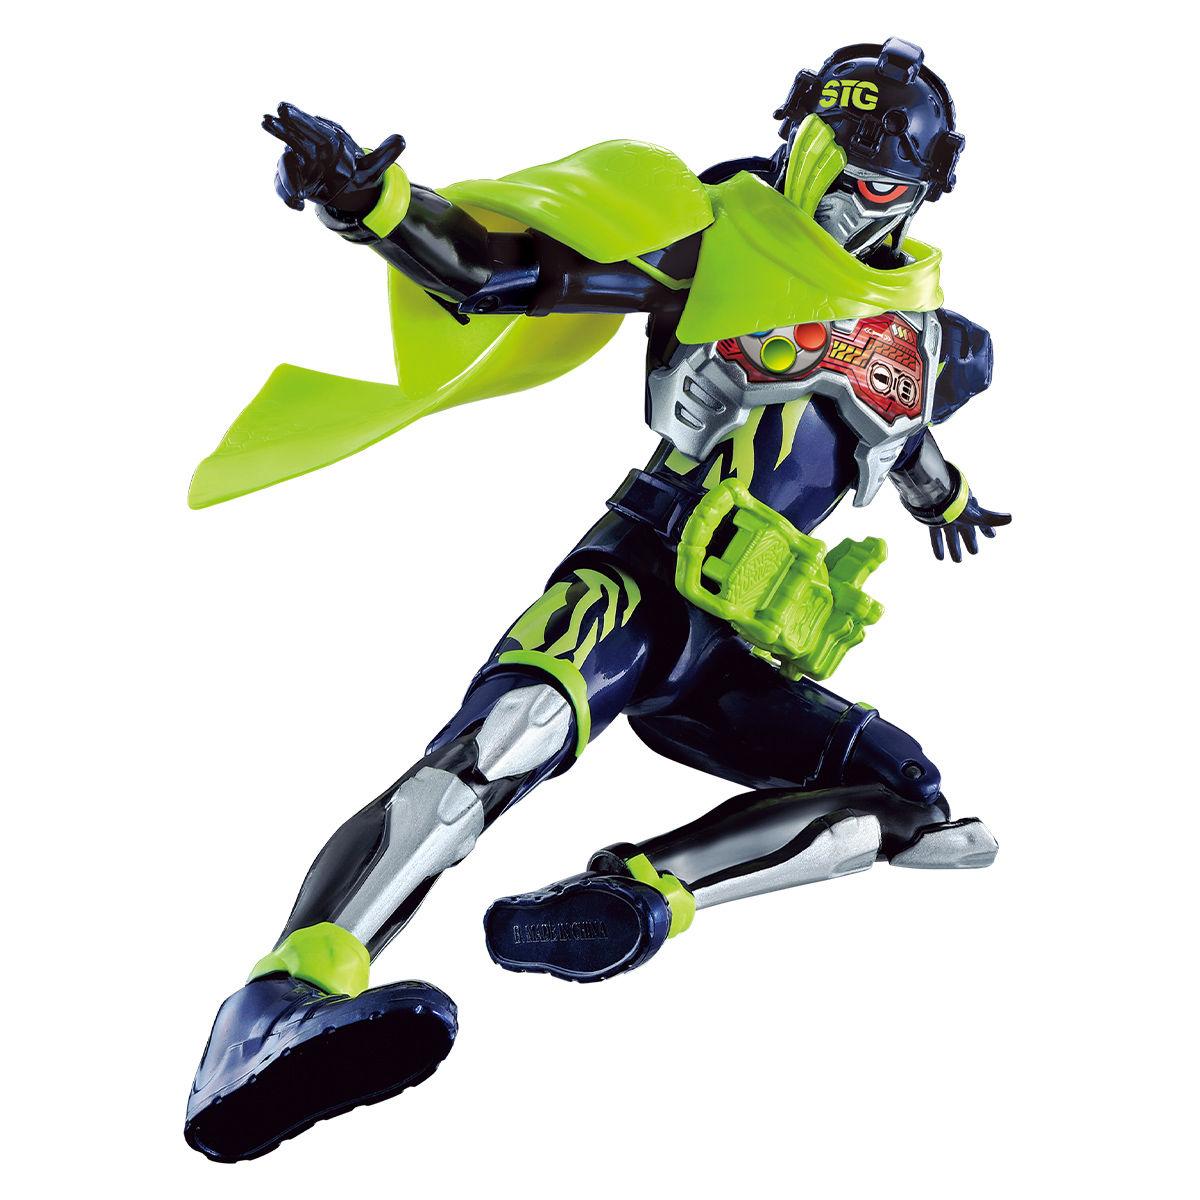 RKFレジェンドライダーシリーズ『仮面ライダースナイプ シューティングゲーマーレベル2』可動フィギュア-003